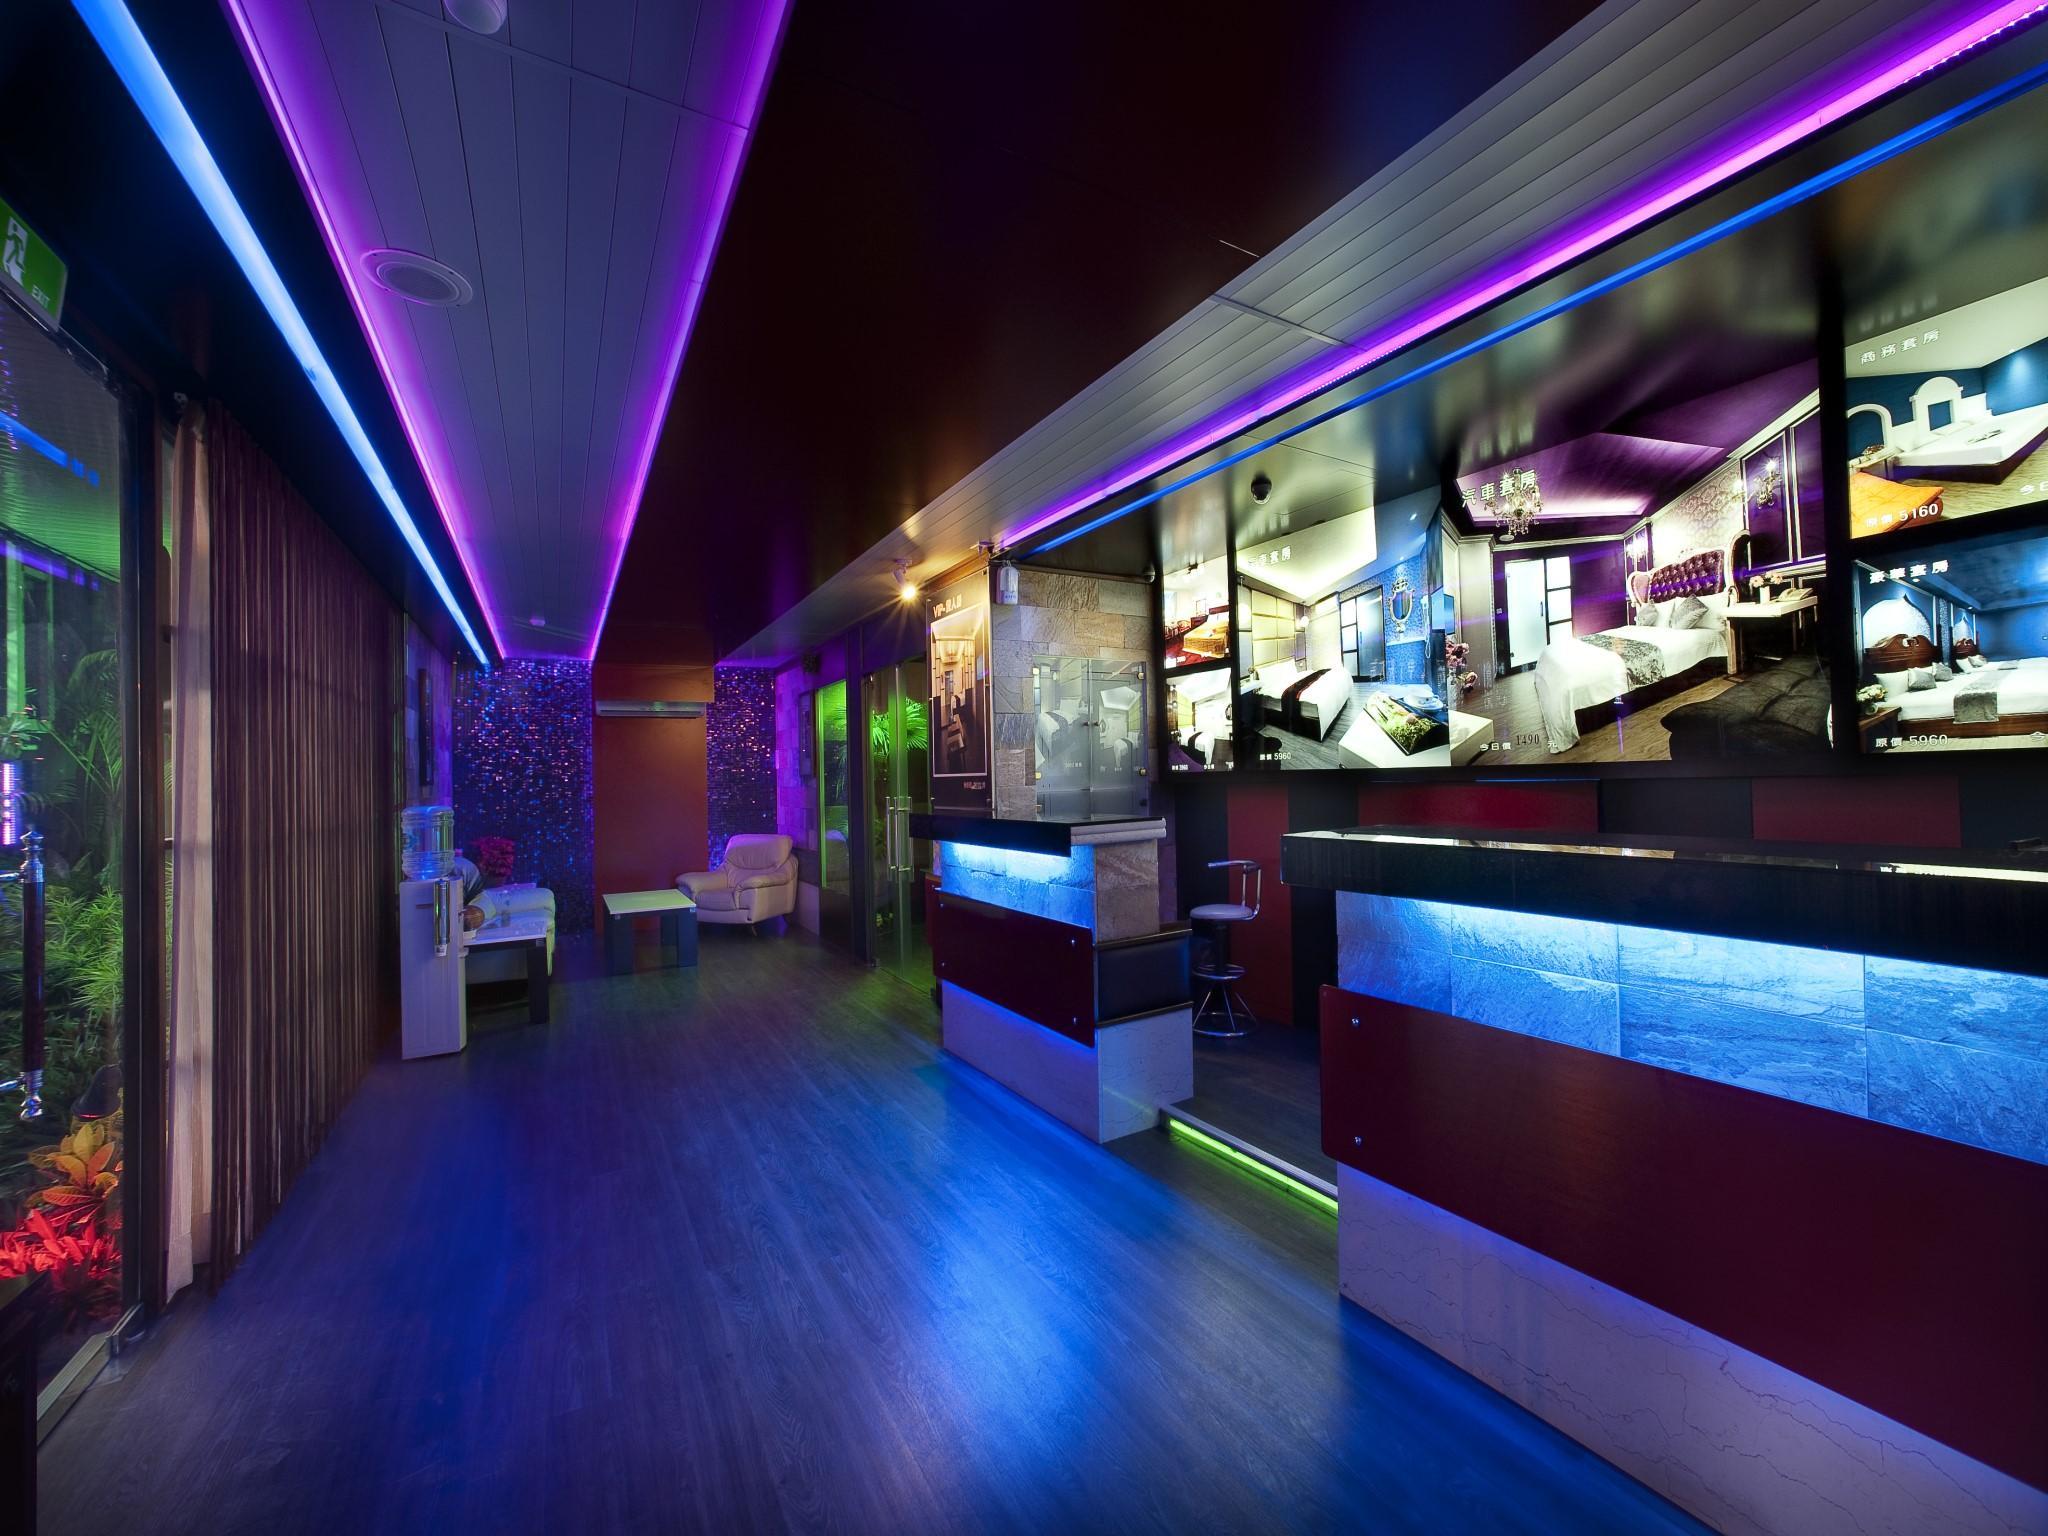 宜蘭縣福岡3號汽車旅館 (Fukun 3 Motel)線上訂房|Agoda.com